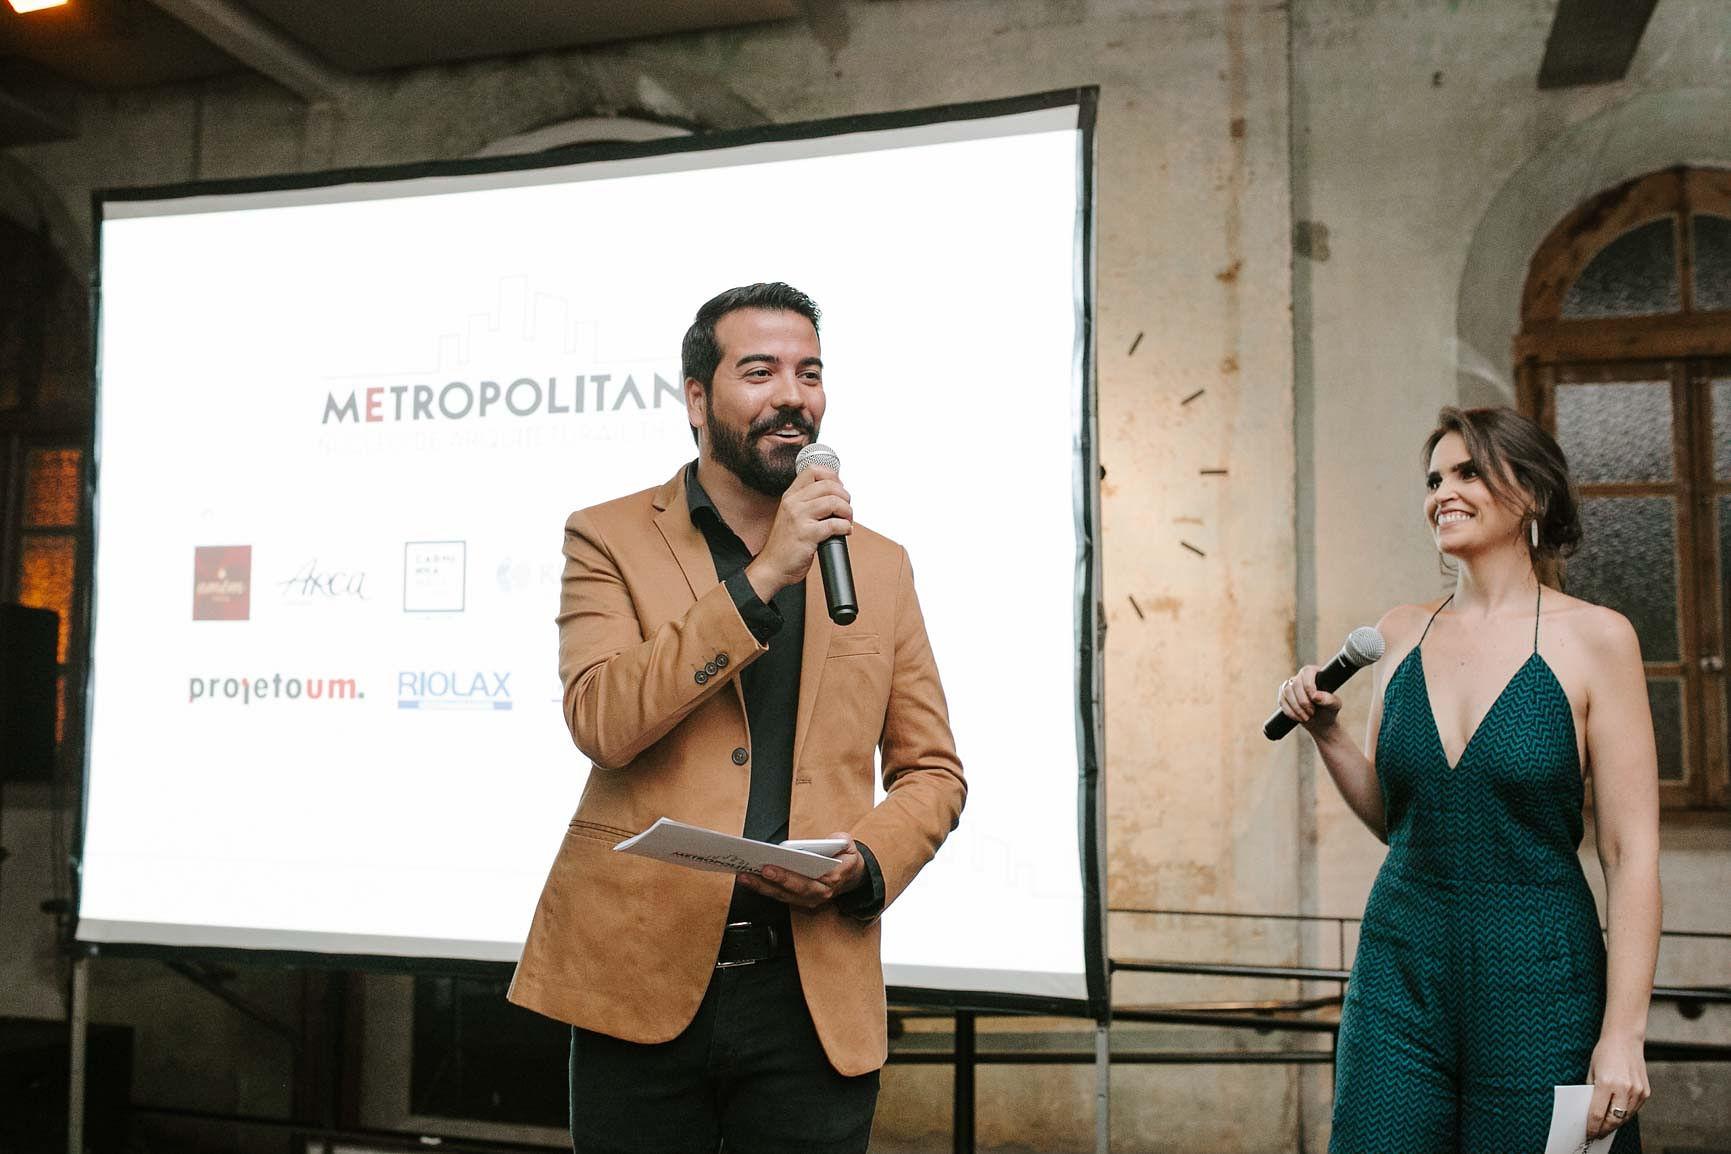 Metropolitano-185.jpg